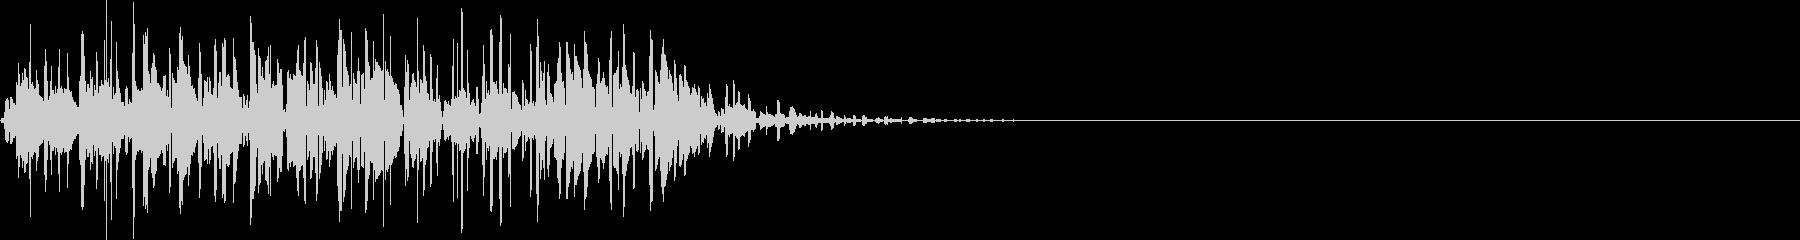 打撃音(マイナス_低音_ダメージ_長い)の未再生の波形